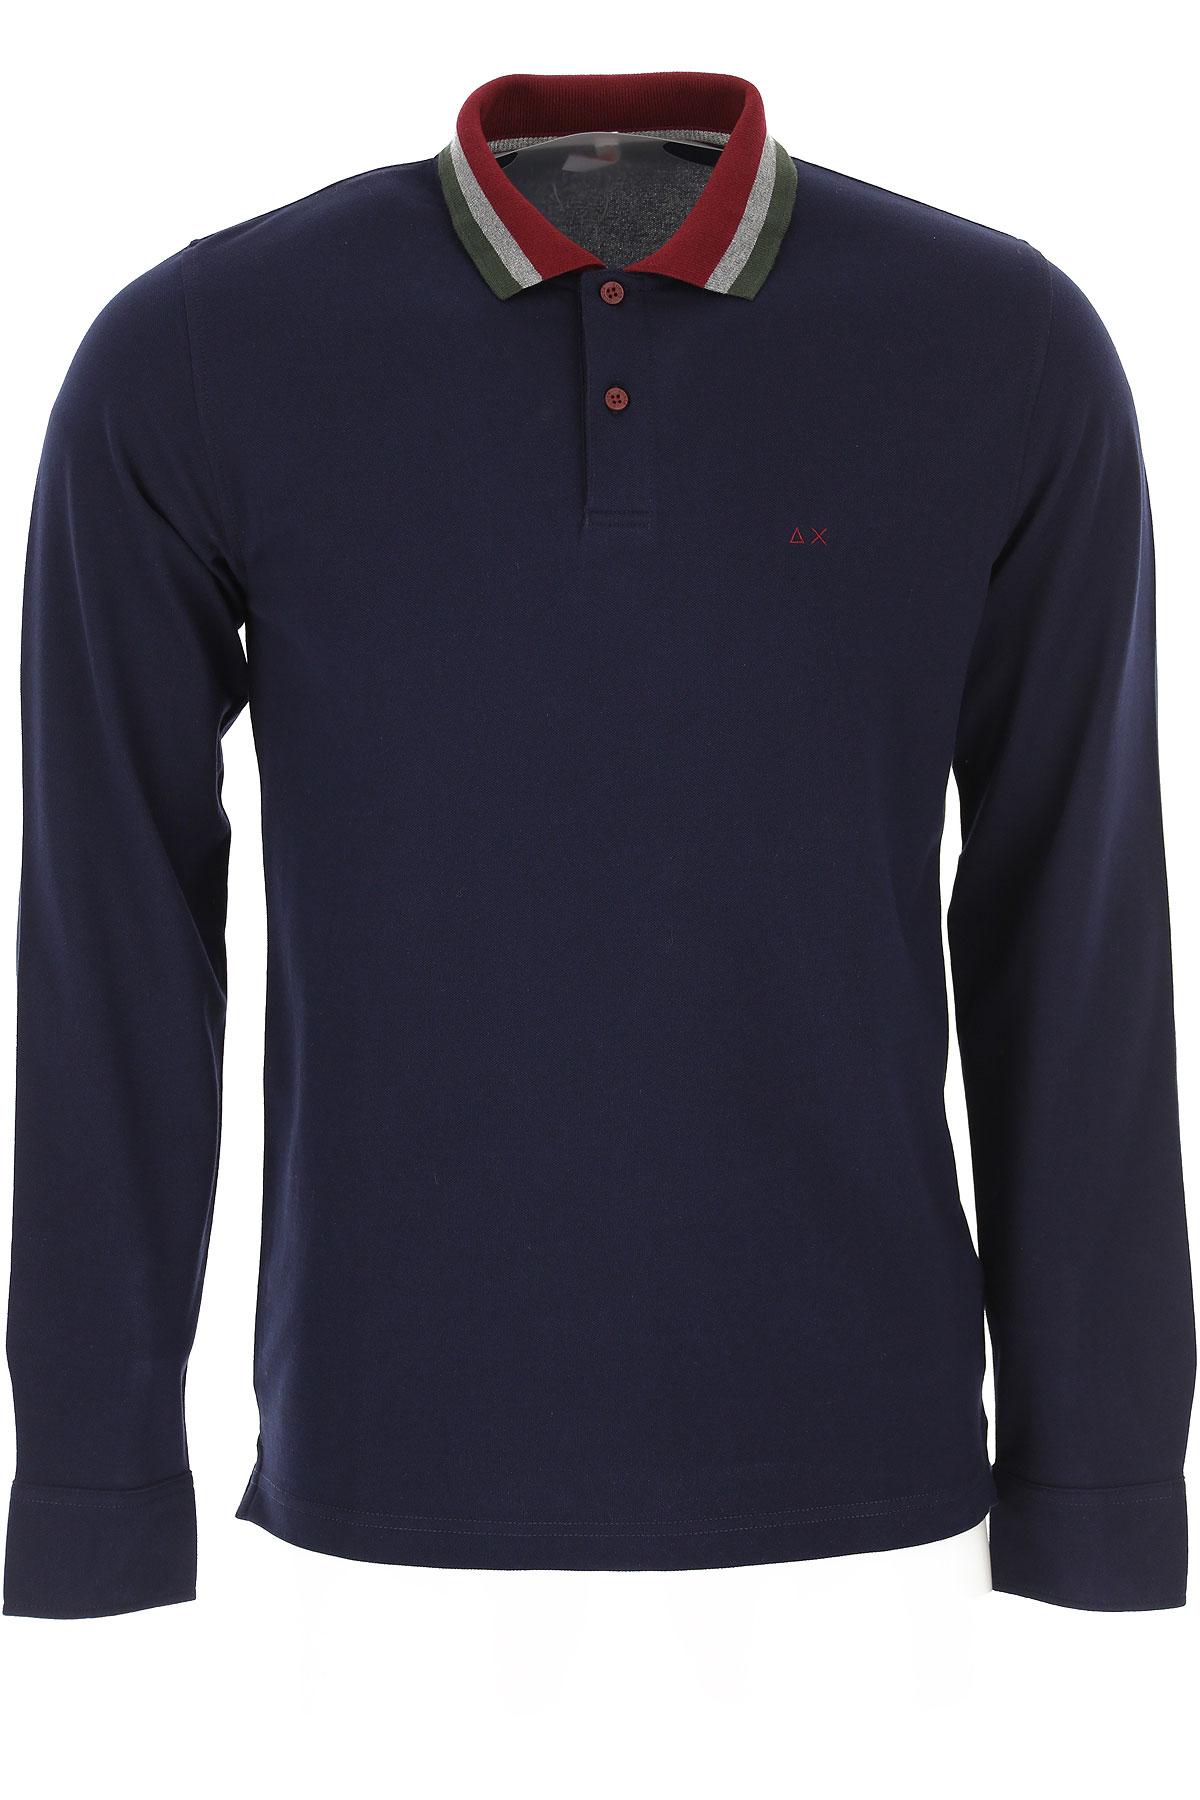 Sun68 Polo Shirt for Men On Sale, Navy Blue, Cotton, 2019, L M XL